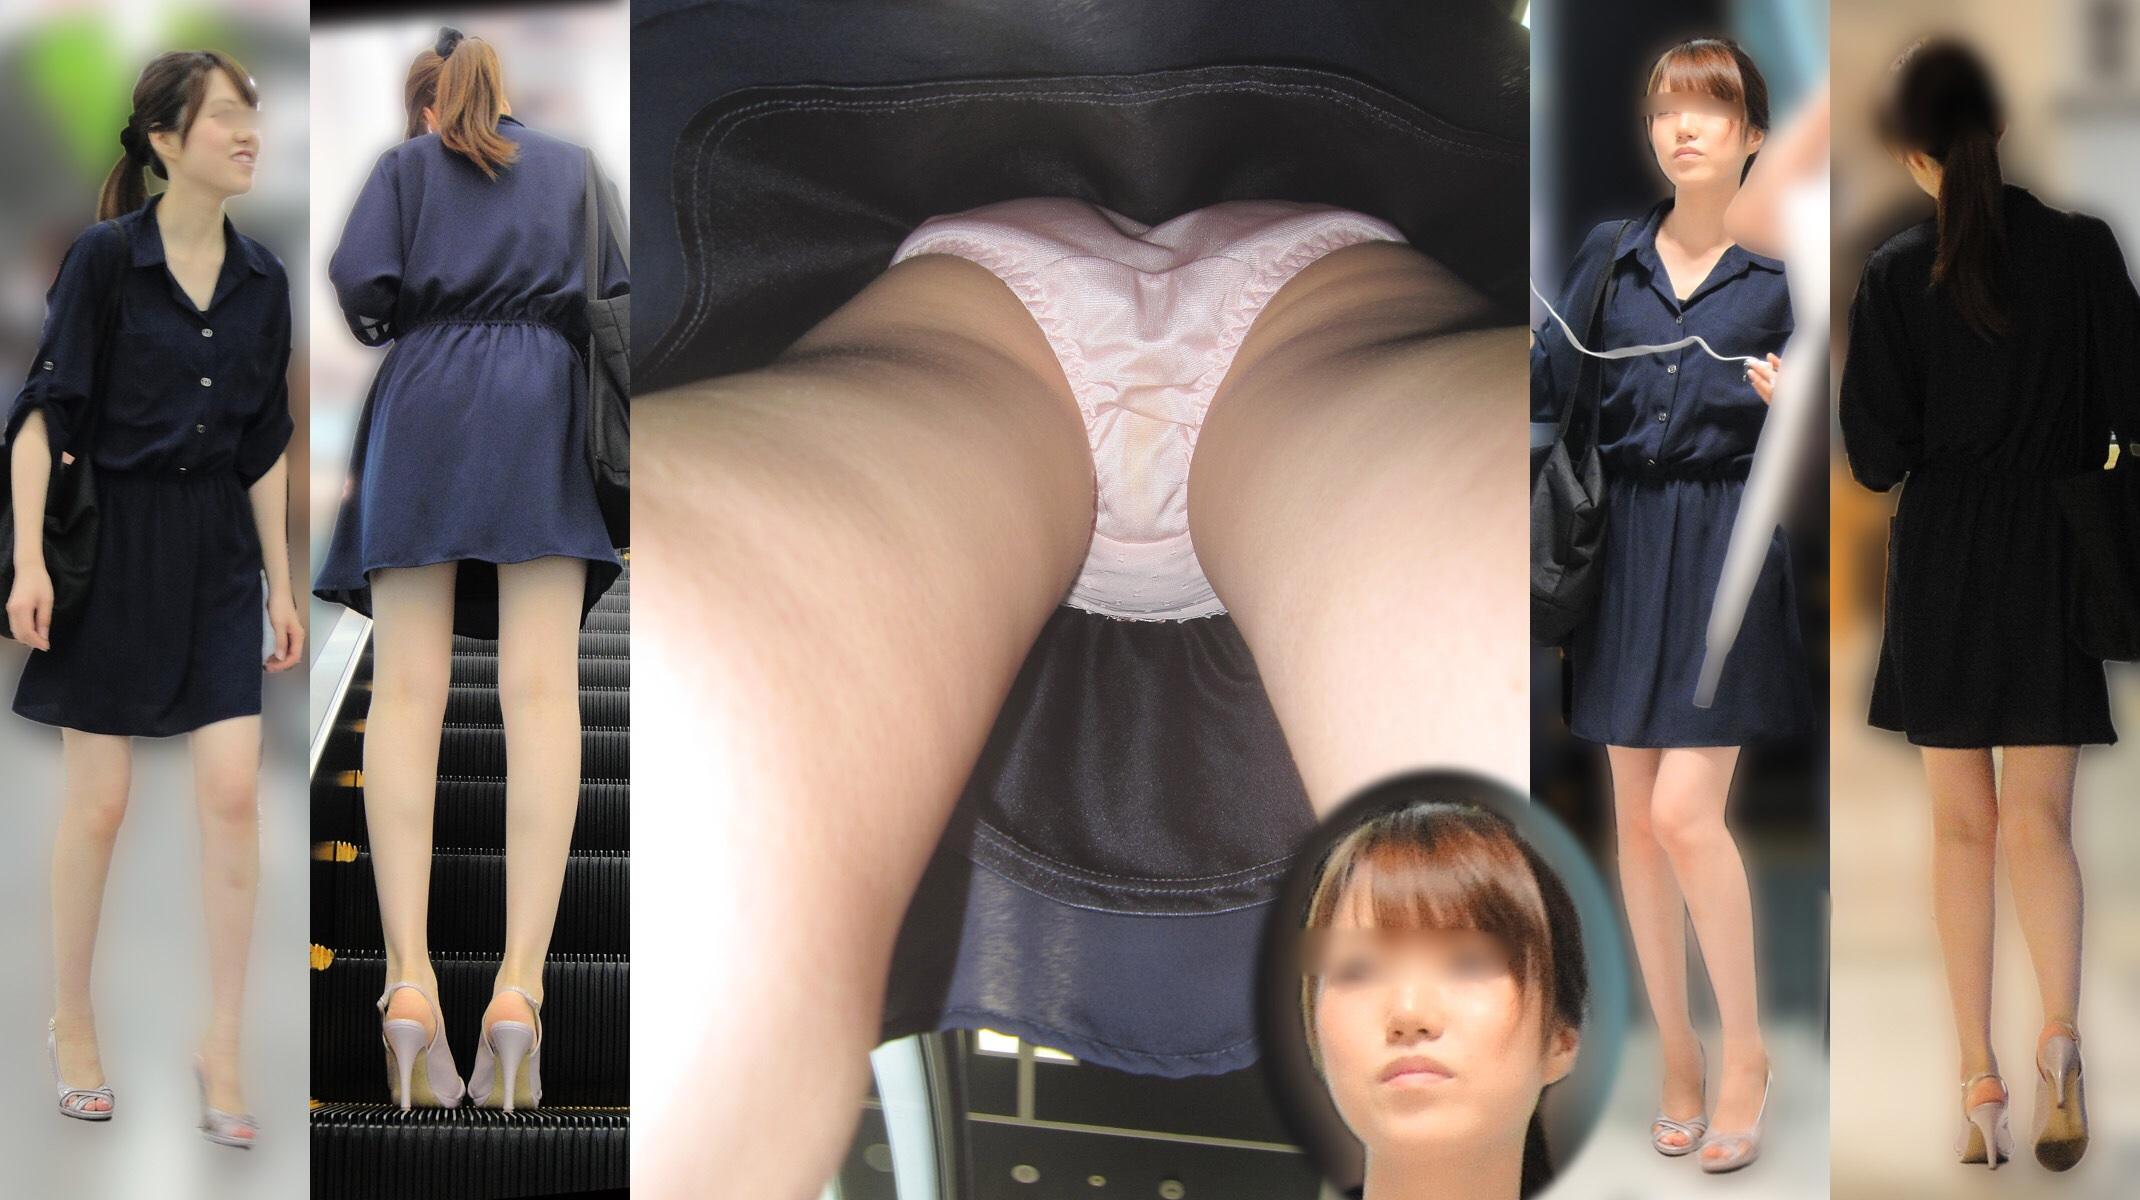 【パンチラエロ画像】履いてるパンツが本当の性格!真実を暴く逆さ撮りwww 20